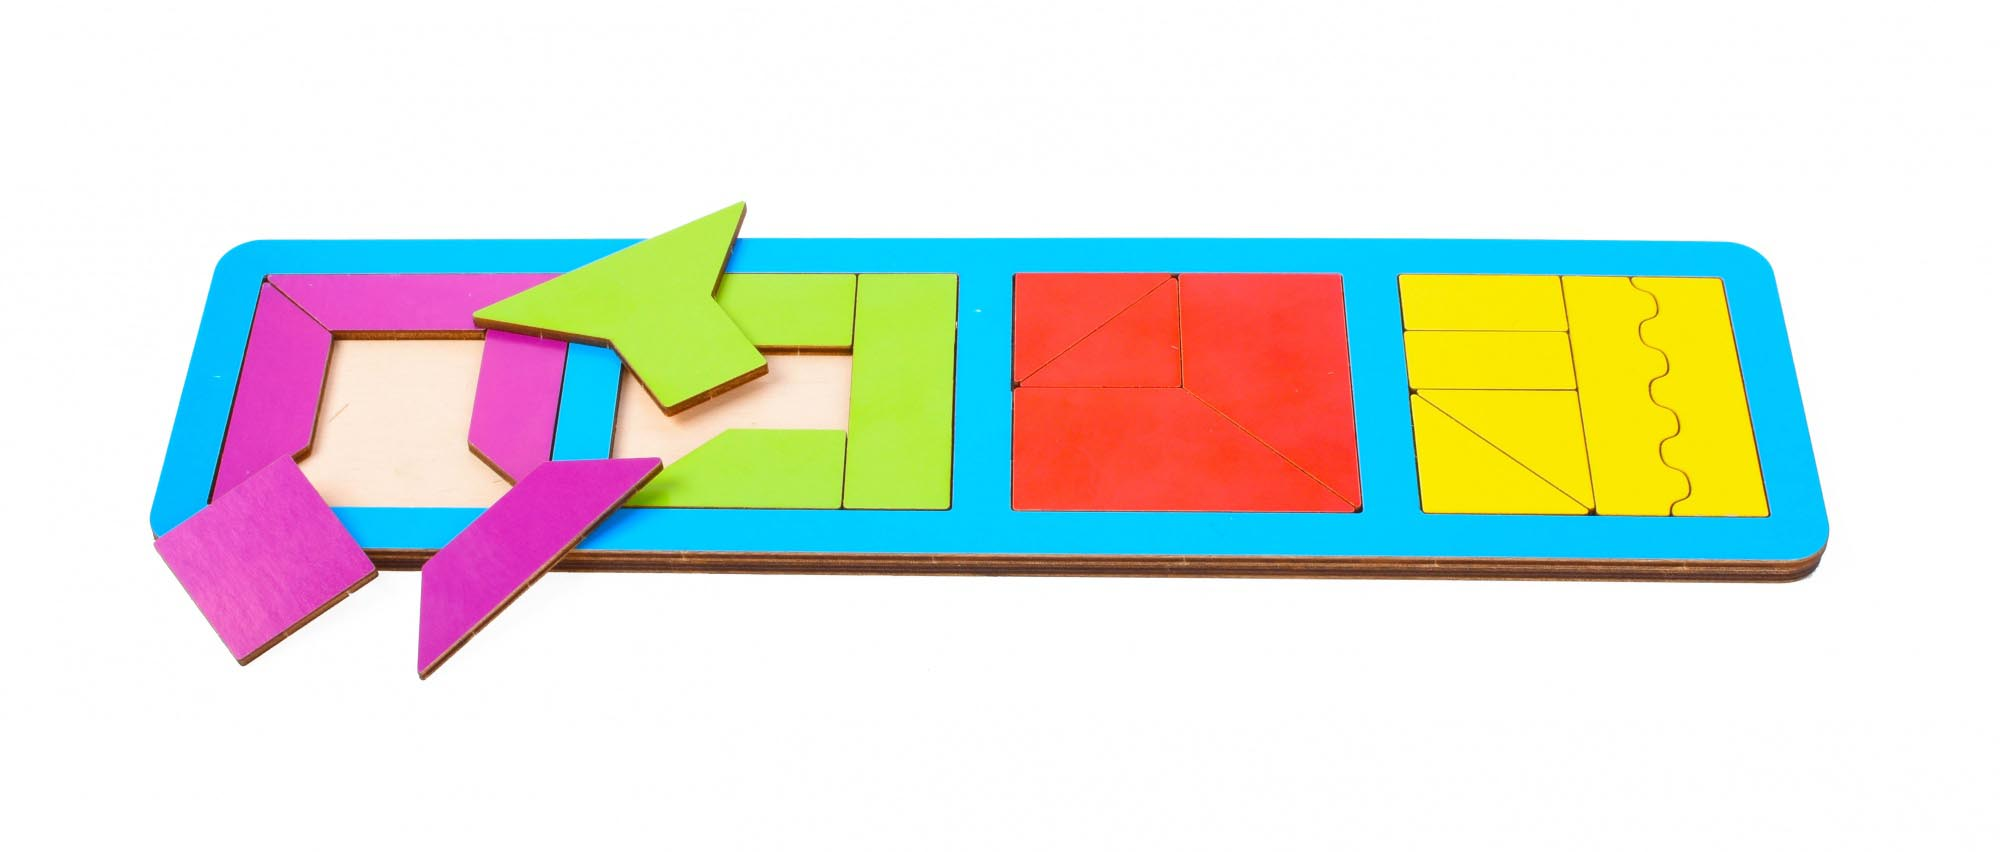 Игрушка детская:01028 Вкладыш 20 элементов (по системе раннего развития) цвет в асс-те